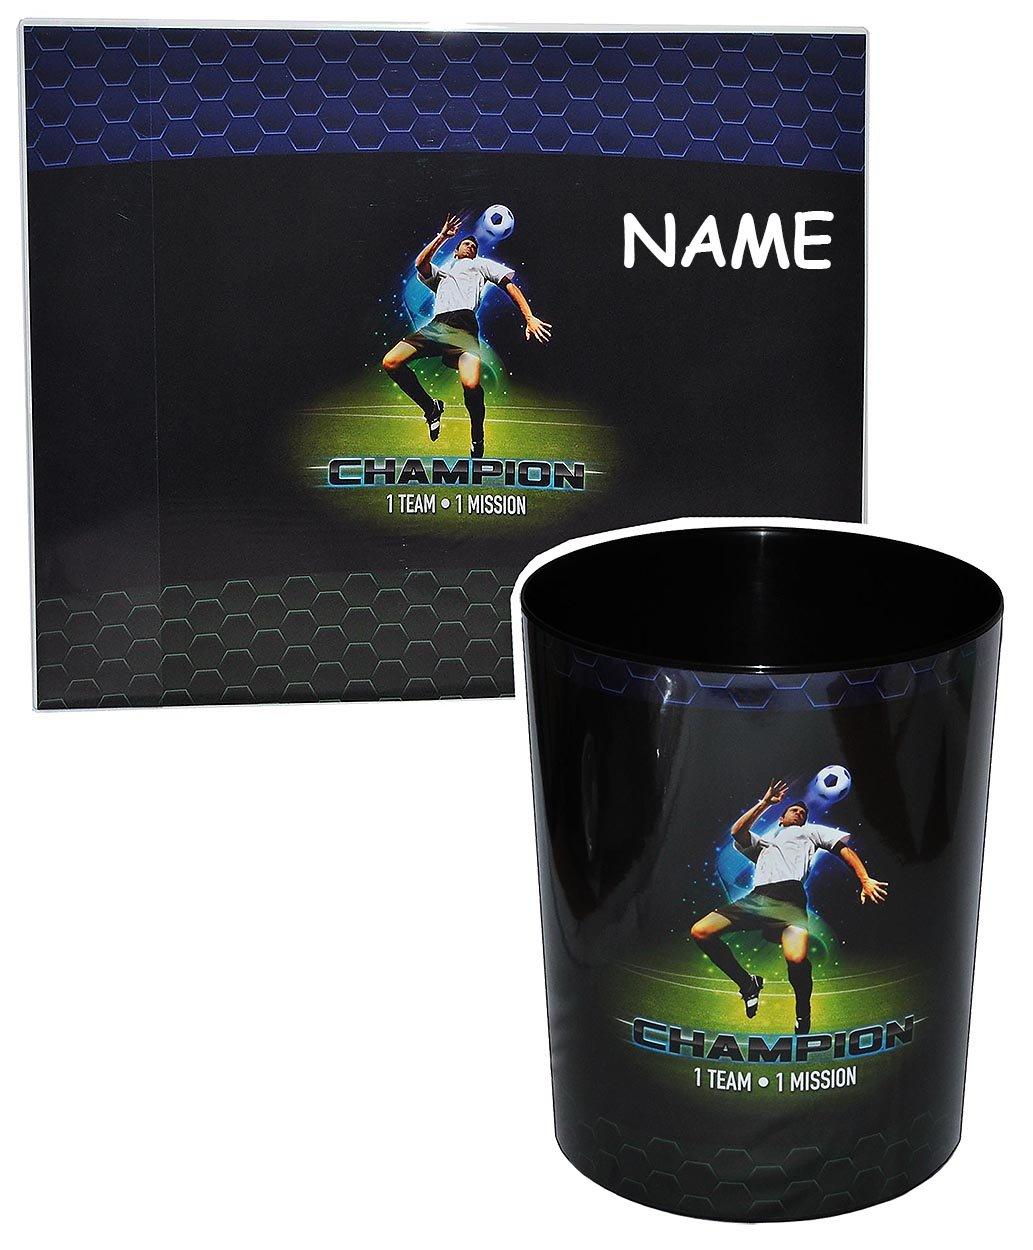 2 tlg. Set: Schreibtischunterlage + Papierkorb Fussball – incl. Namen – Unterlage / Knetunterlage / Tischunterlage für Jungen Kinder Fußball Champion Sport online bestellen